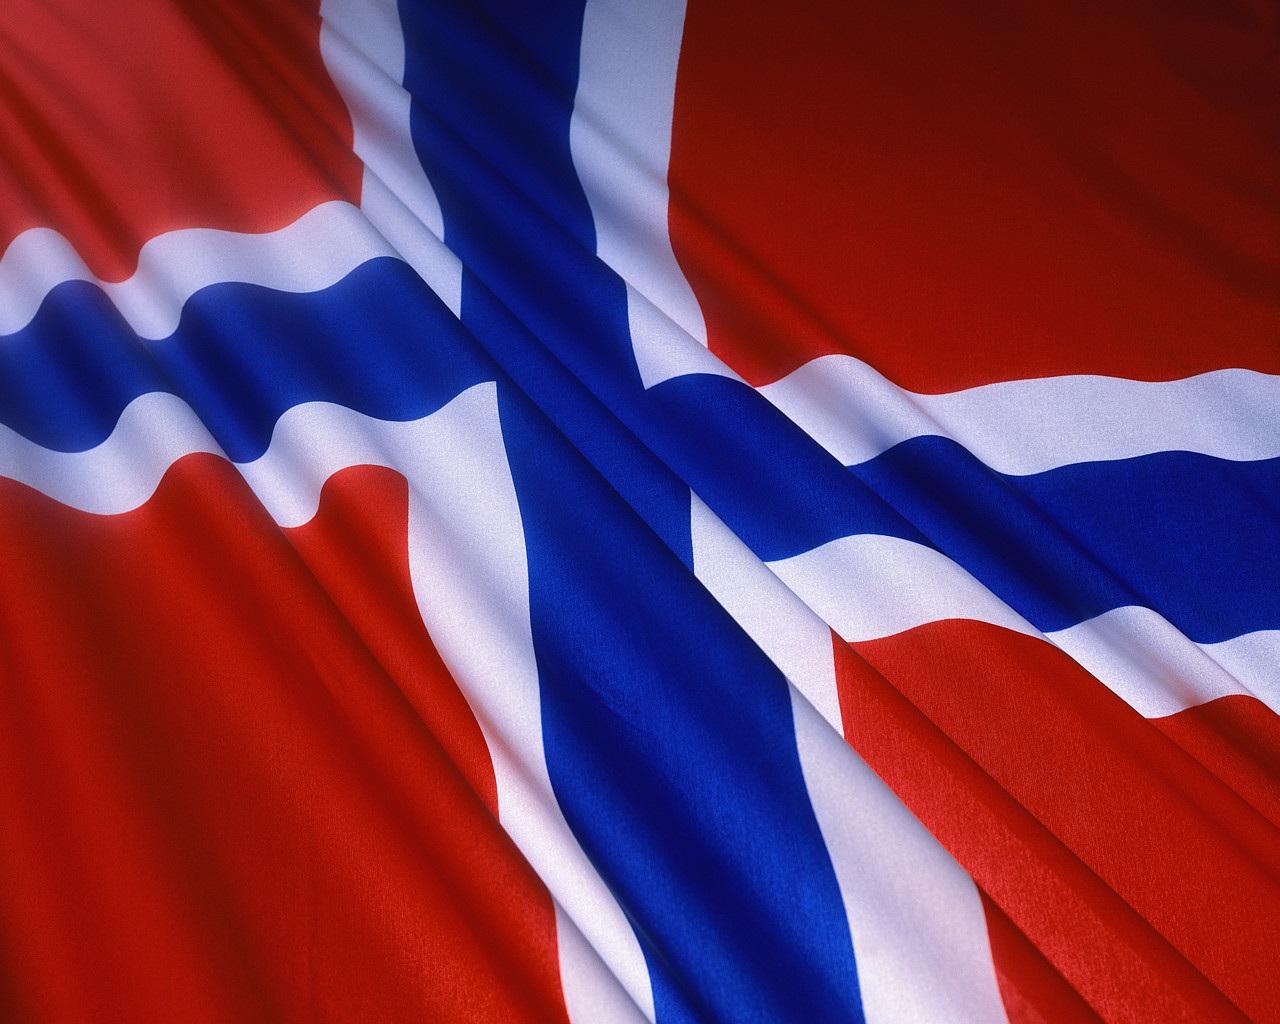 e-postadresse norsk pornoside